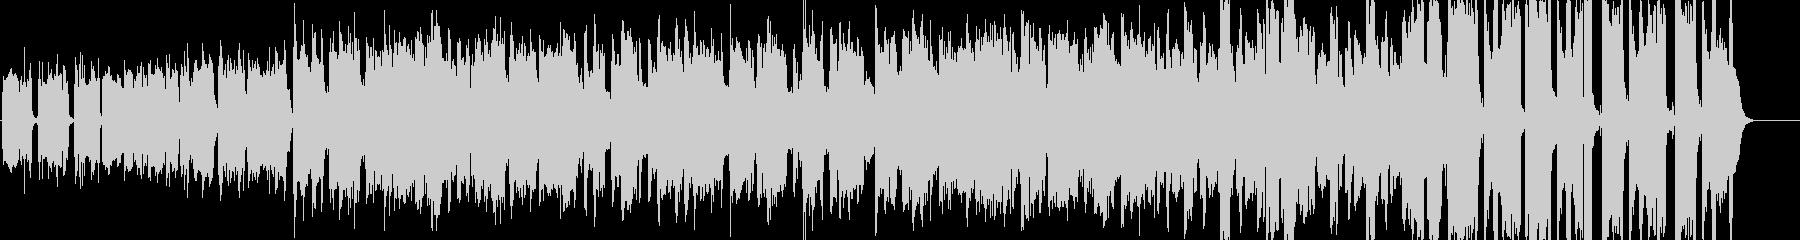 ケルト風・中世ファンタジーの町村用BGMの未再生の波形